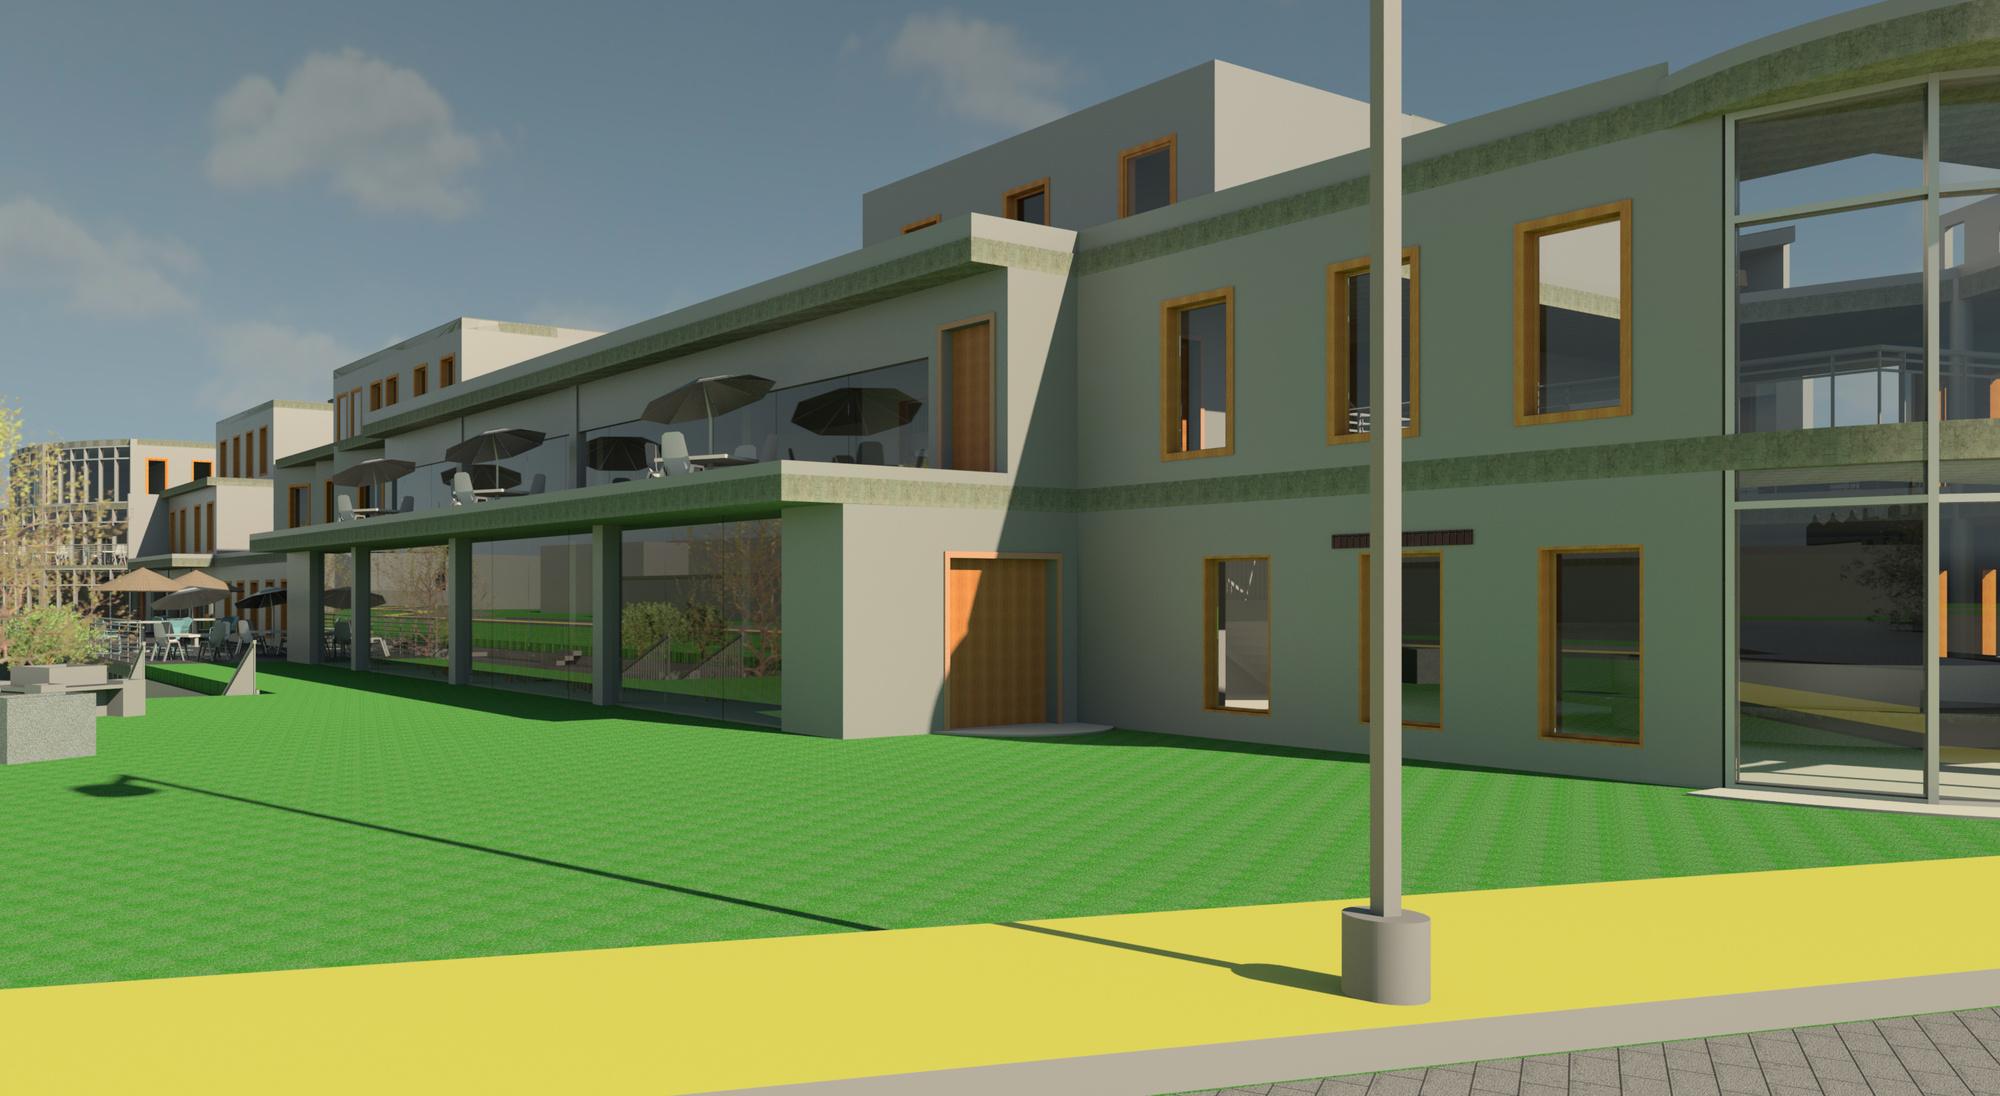 Raas-rendering20150210-2442-1rneskn